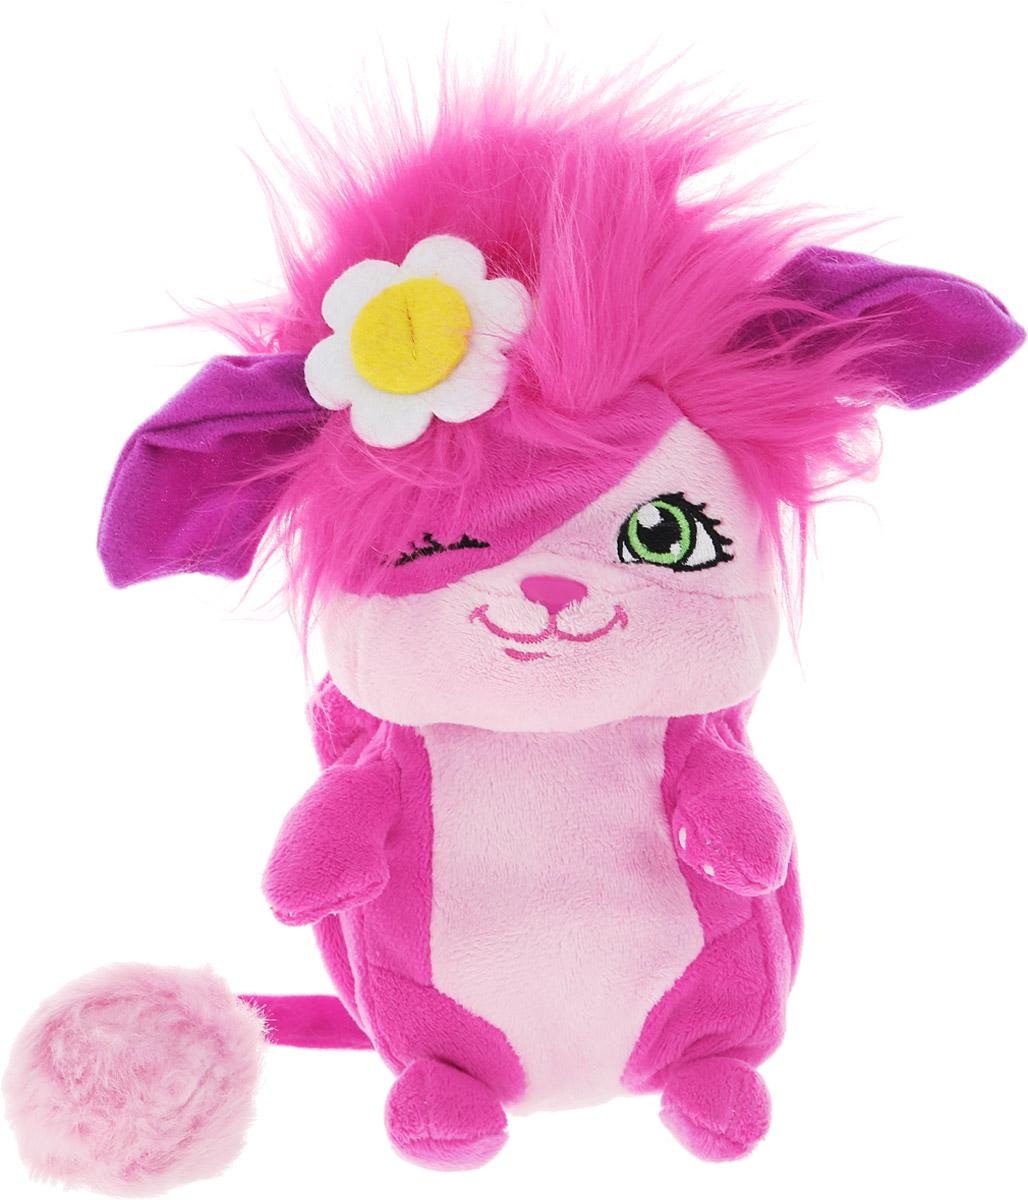 Popples Мягкая игрушка Bubbles 20 см56300_розовый, сиреневый, цветочкиМягкая игрушка Popples Bubbles - это замечательный подарок для вашего малыша. Игрушка отличается оригинальным дизайном и качественным исполнением. Она выполнена из безопасных материалов в виде очаровательной зверюшки с длинным хвостиком. Игрушка дополнена сзади специальным карманом, который можно вывернуть. У зверька есть уникальная способность - с помощью этого кармашка он может буквально сворачиваться в клубочек! Очень интересная, яркая и эффектная игрушка. Зверёк станет верным другом для каждого ребенка, подарит множество приятных мгновений и непременно поднимет настроение. Эта милая и забавная игрушка обязательно понравится вашему ребенку.